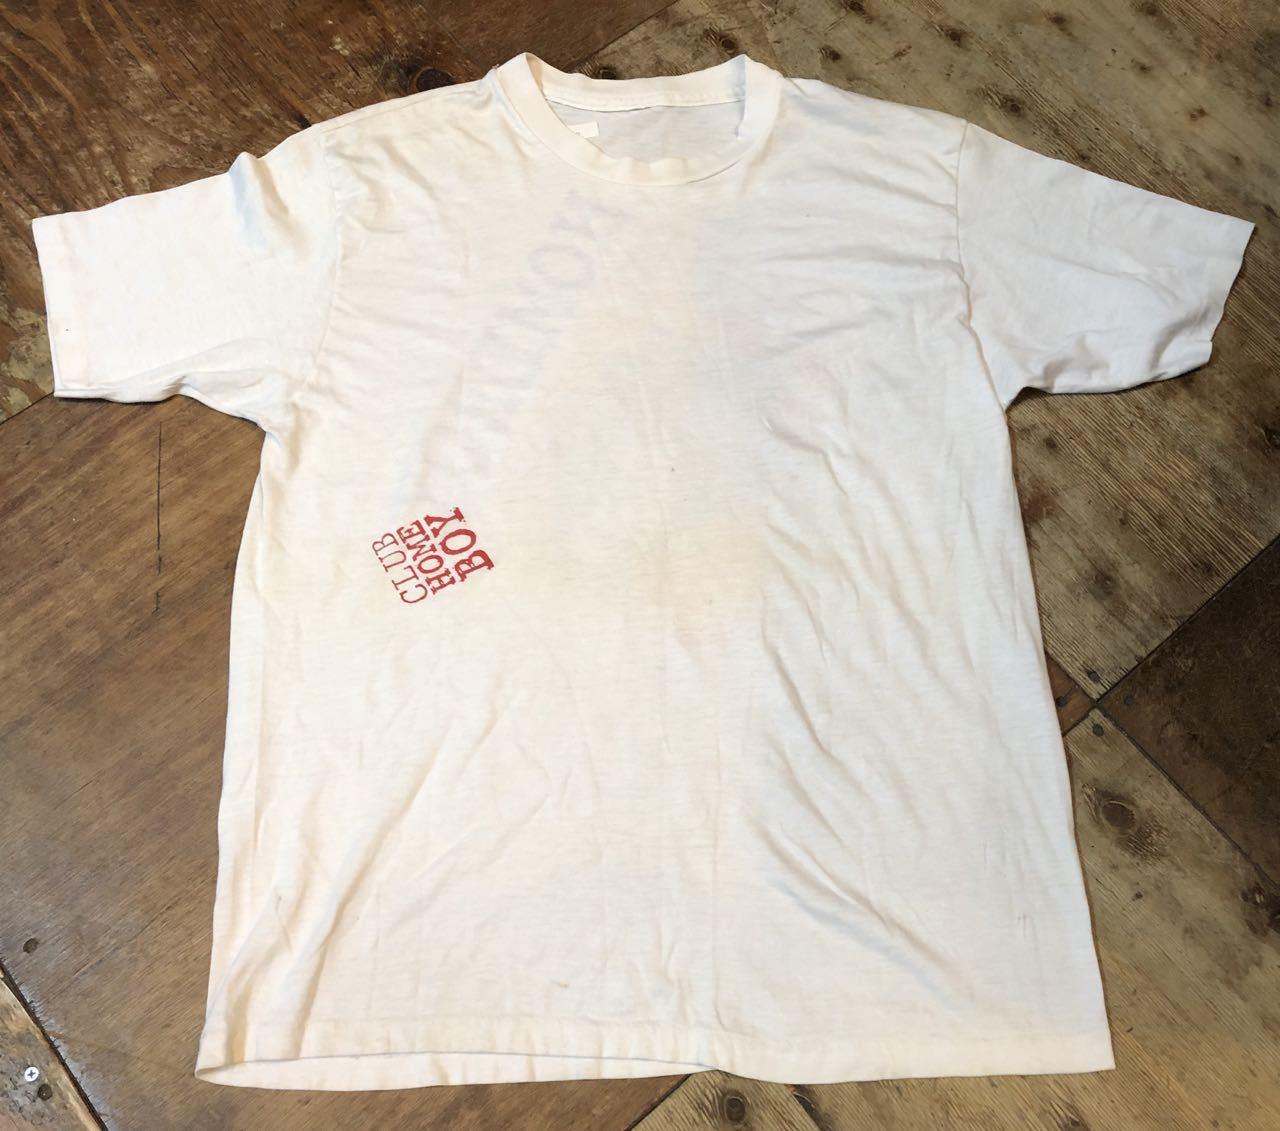 8月10日(土)入荷! ちびっこギャング CLUB HOMEBOY Tシャツ!_c0144020_17540267.jpg